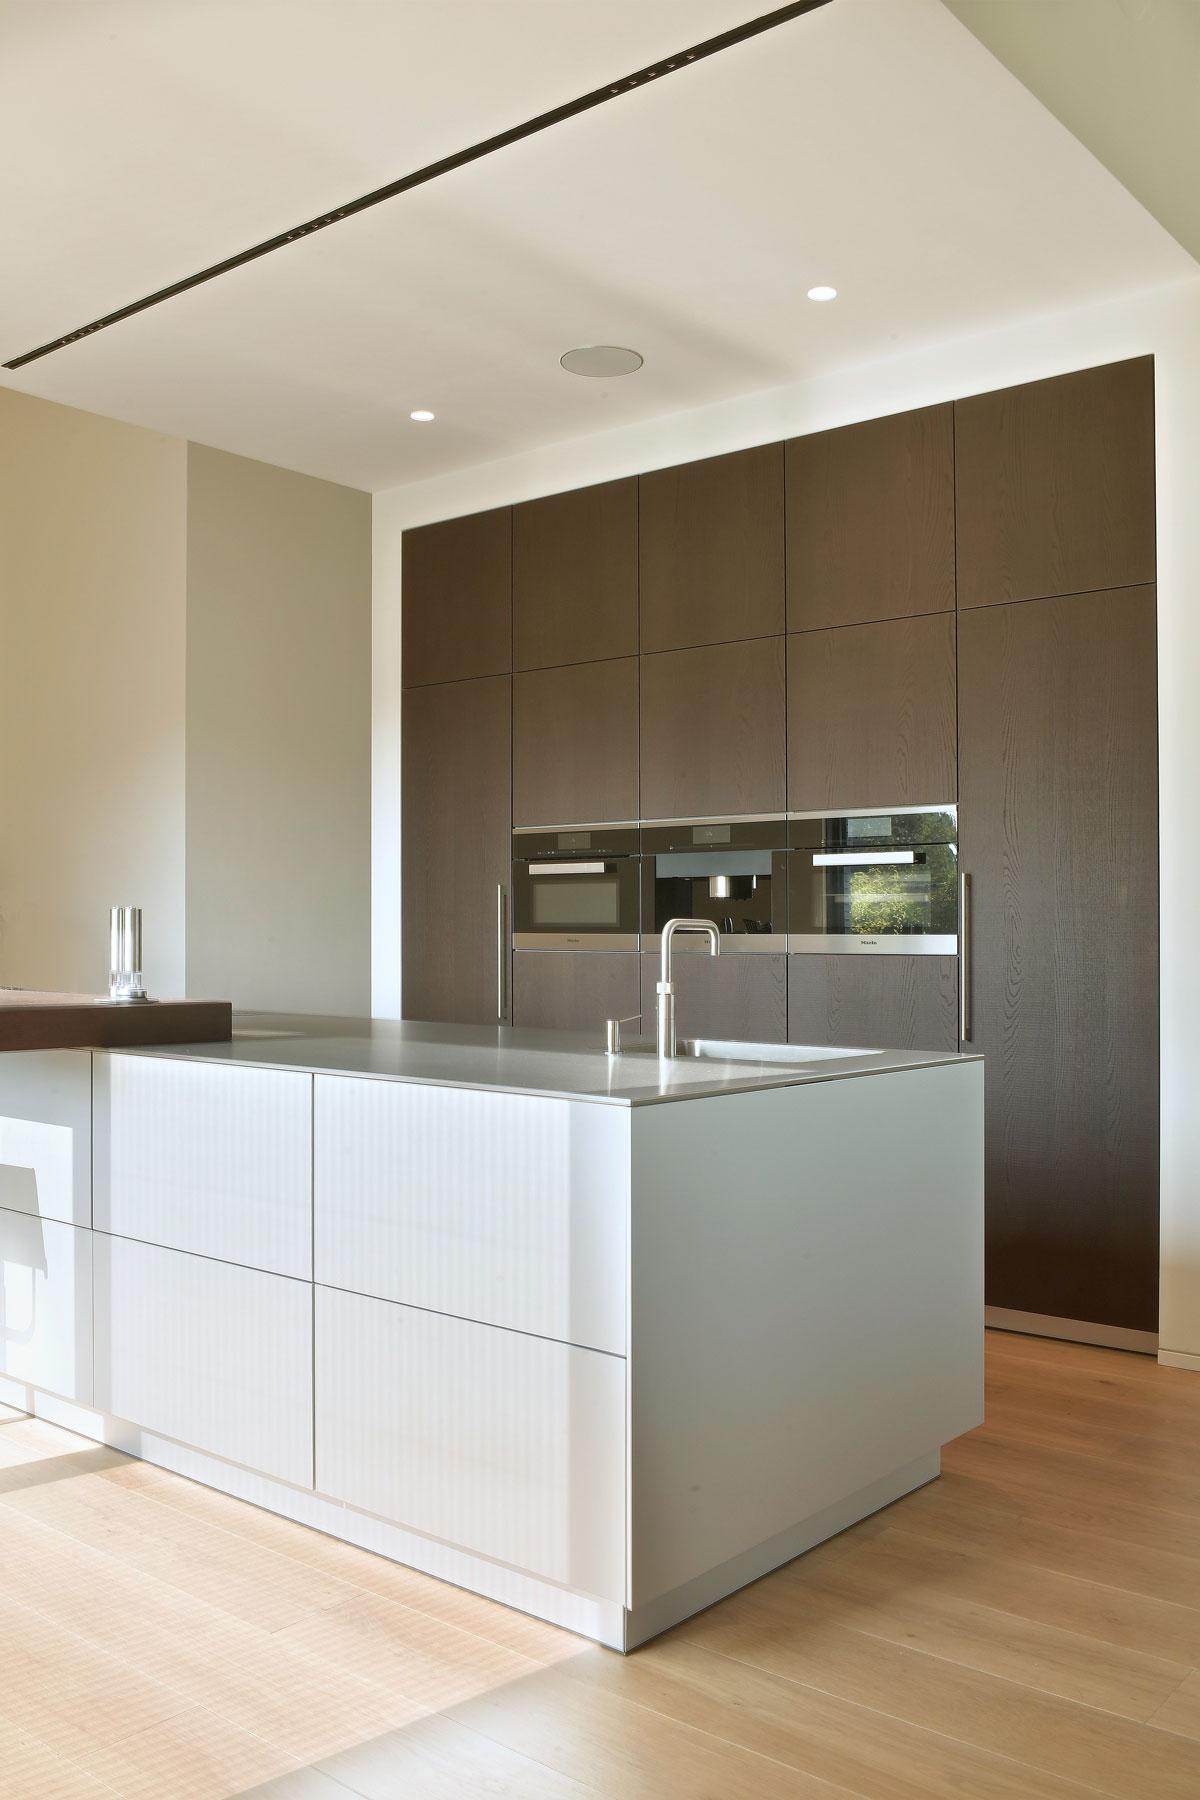 Keuken inspiratie, bulthaup, maas Architecten, the art of living